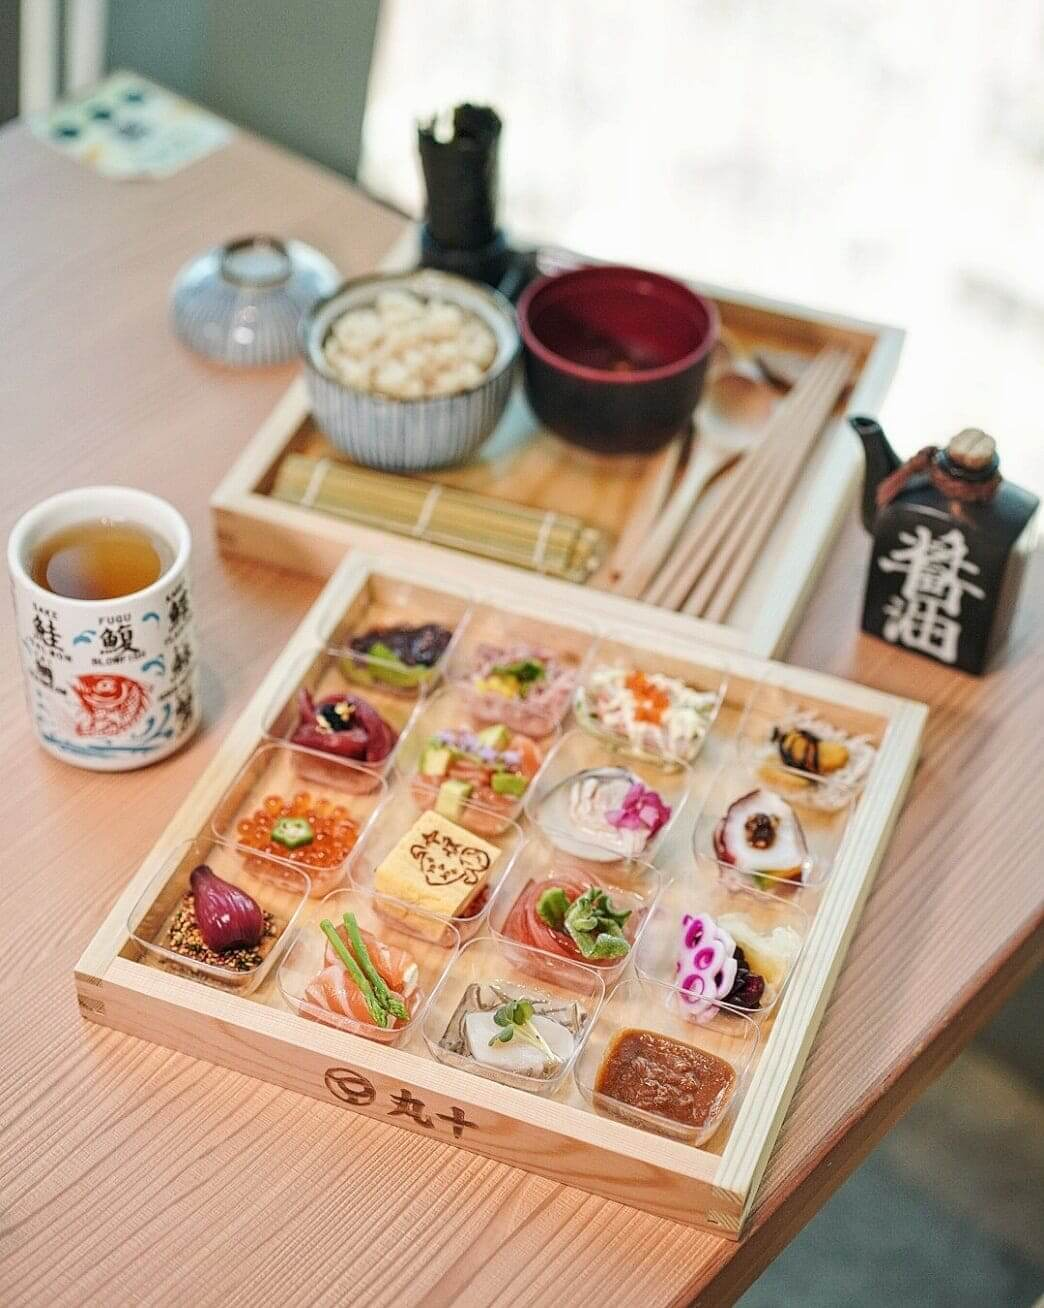 手和壽司可自行 DIY,將唔同嘅食材、醬汁及丸十名物精米飯配搭製成壽司,有得玩有得食!